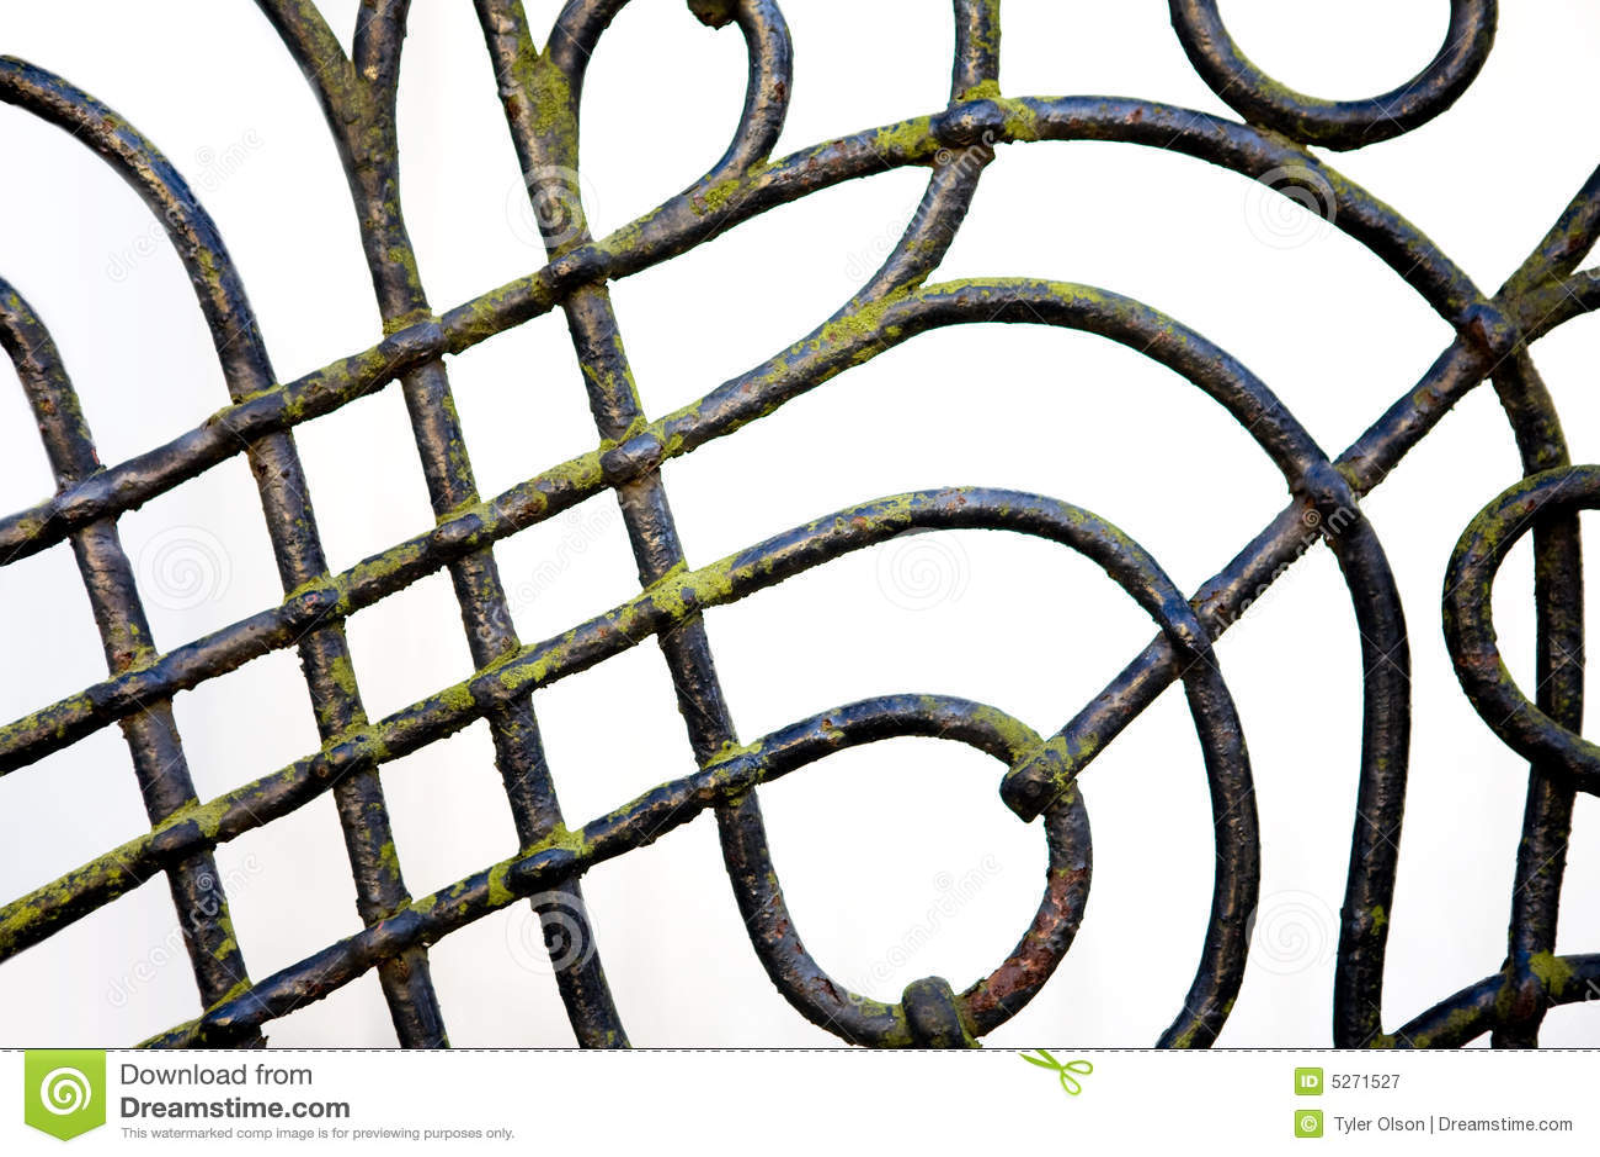 Ogrodzenie żelaza, którego szczegóły